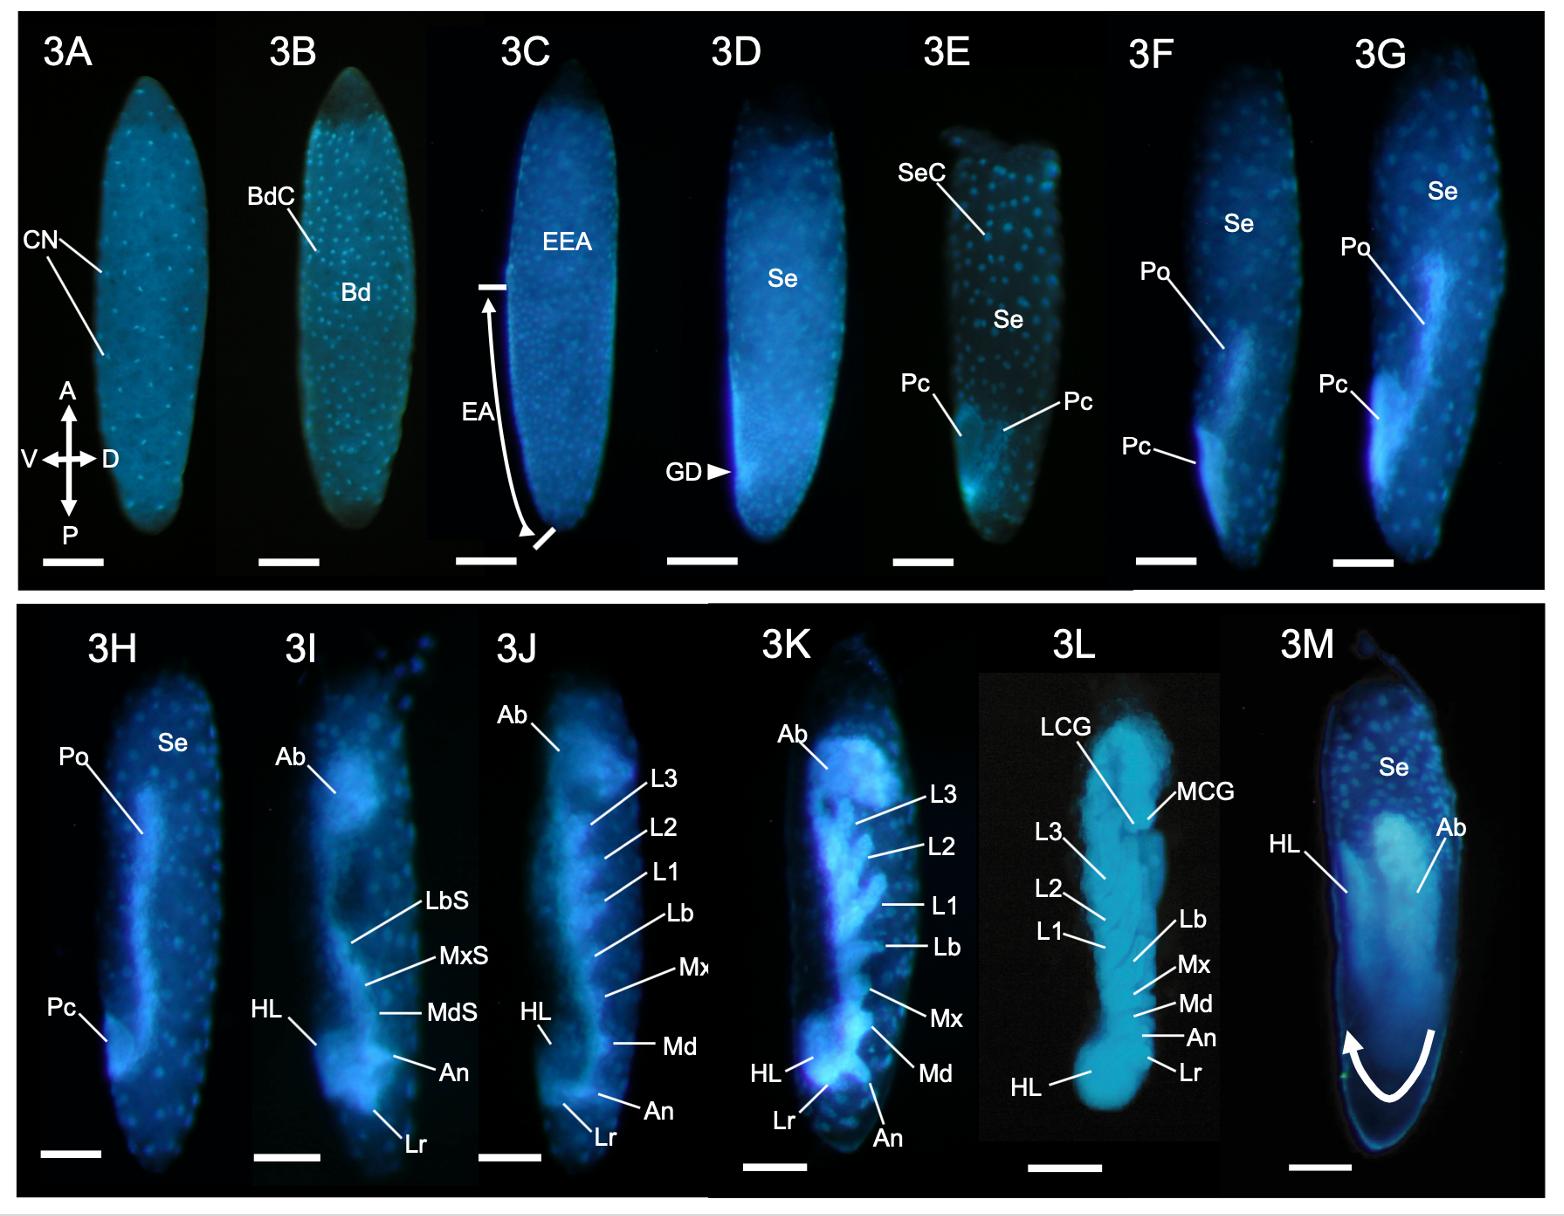 写真2:コナカハグロトンボの胚発生過程の概略(論文のFigureから)。厚く頑丈な卵殻を特殊な薬品で除去し、卵膜に小さな穴を穿孔して固定した後に、DNAを特異的に蛍光染色するDAPI試薬にて染色した胚形成プロセス。